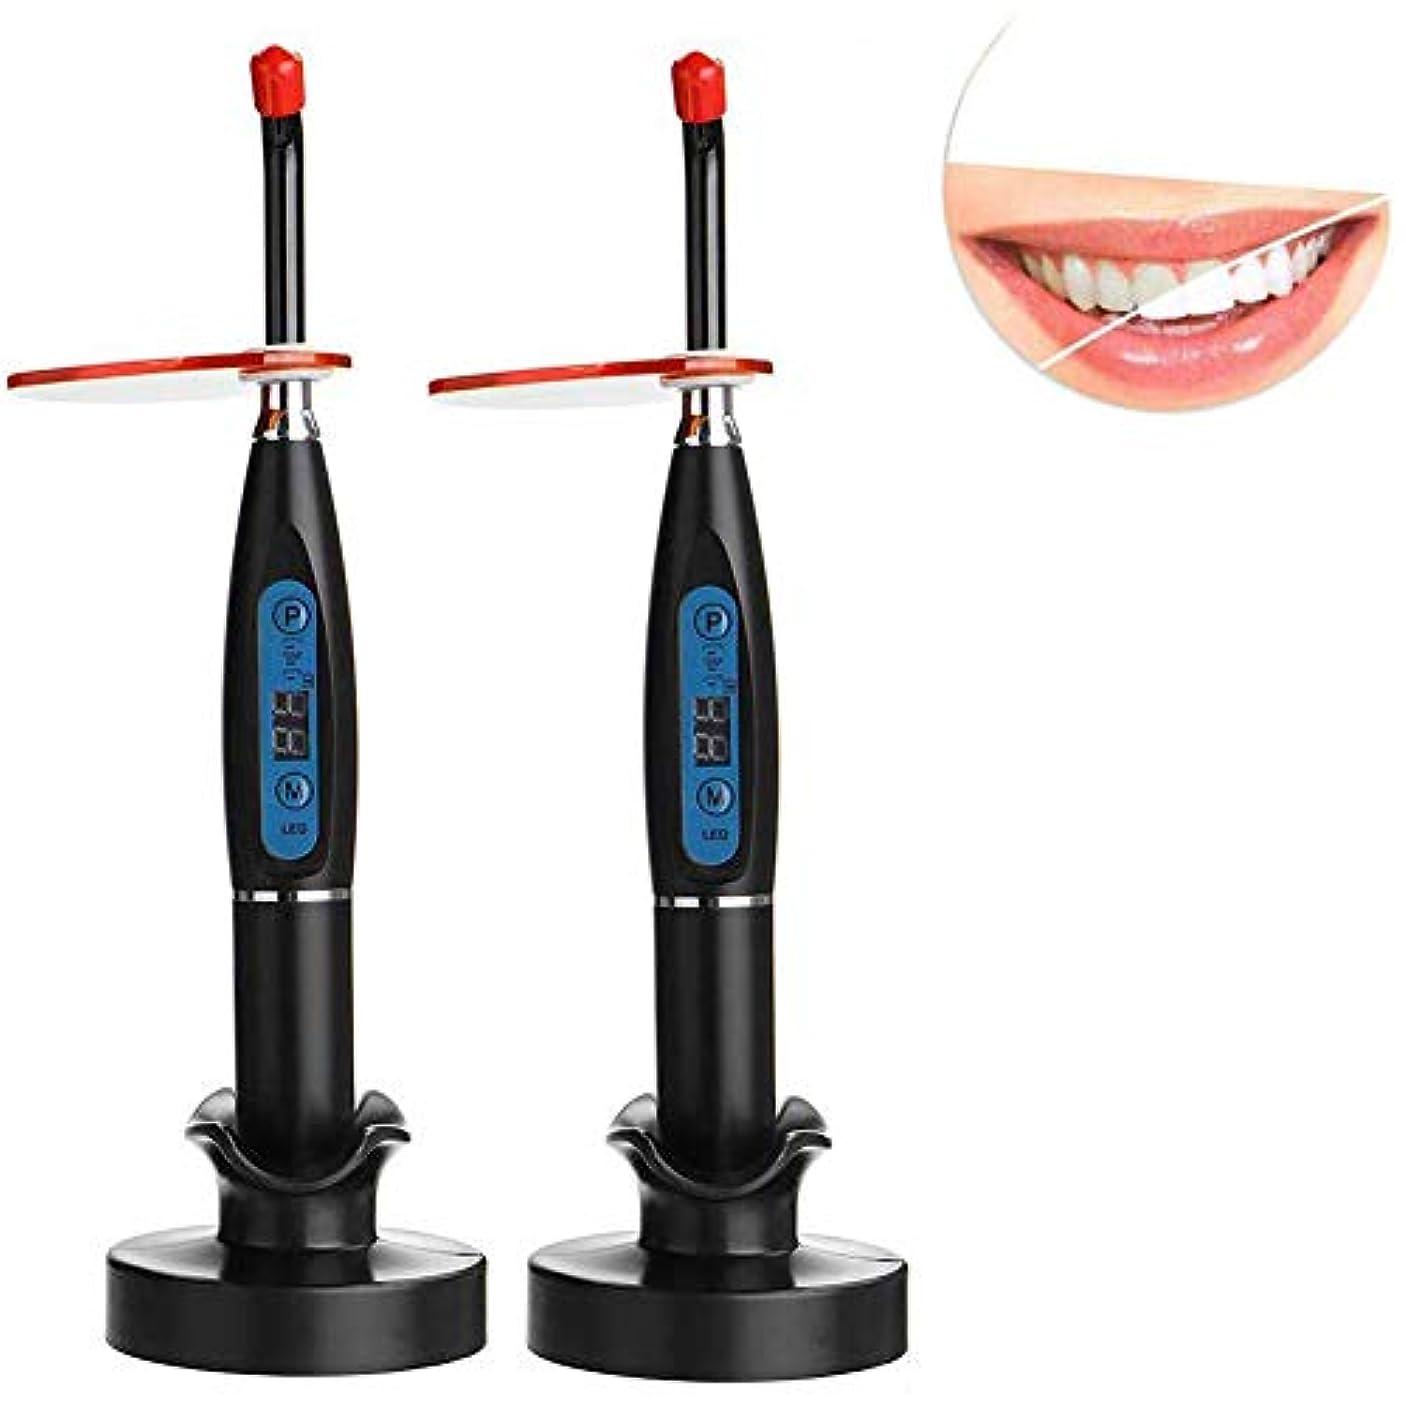 シャンプーインレイ商品5WワイヤレスビッグパワーLEDライト歯科用硬化機コードレスLED歯科用ツール2000mw /cm²、3つの作業モード付きブルーライト付き(2PCS)